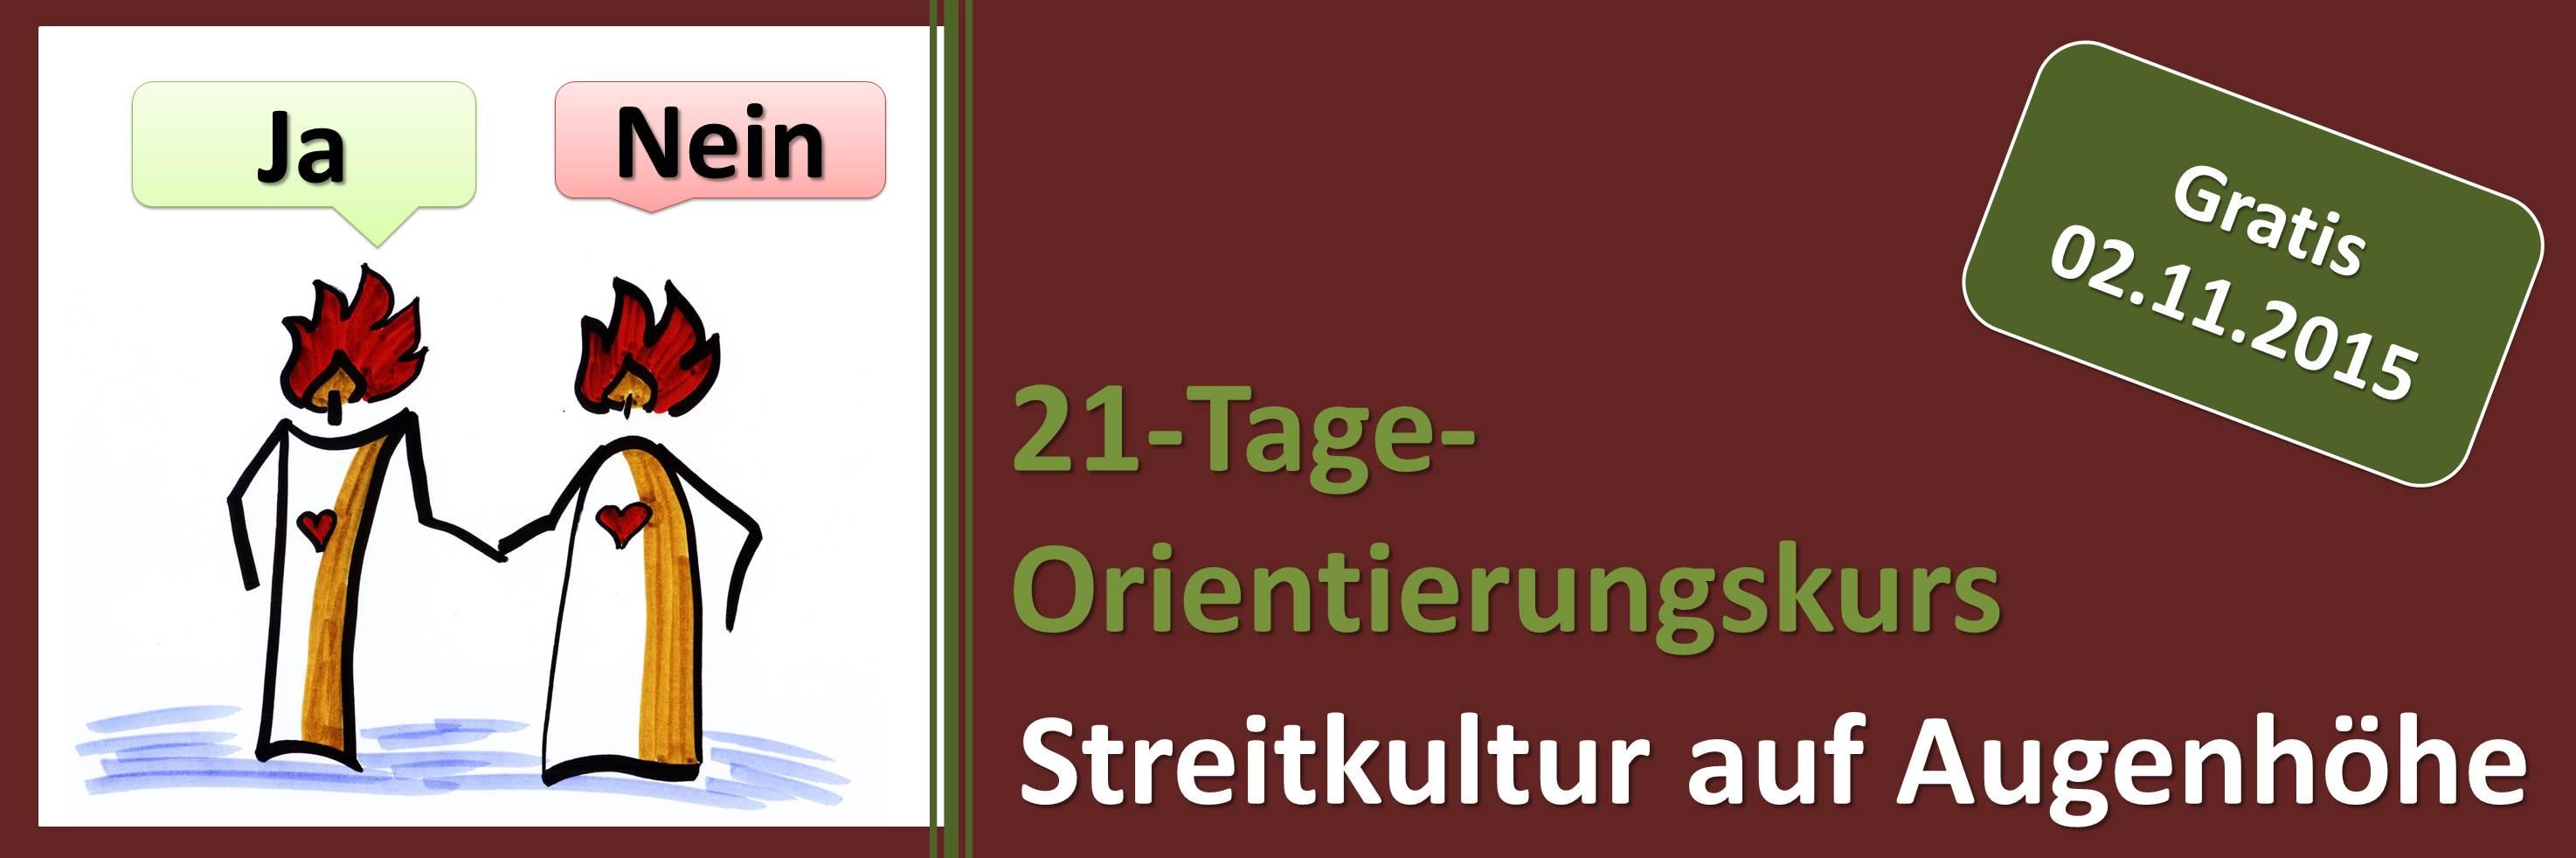 21-Tage-Orientierungskurs für eine Streitkultur auf Augenhöhe